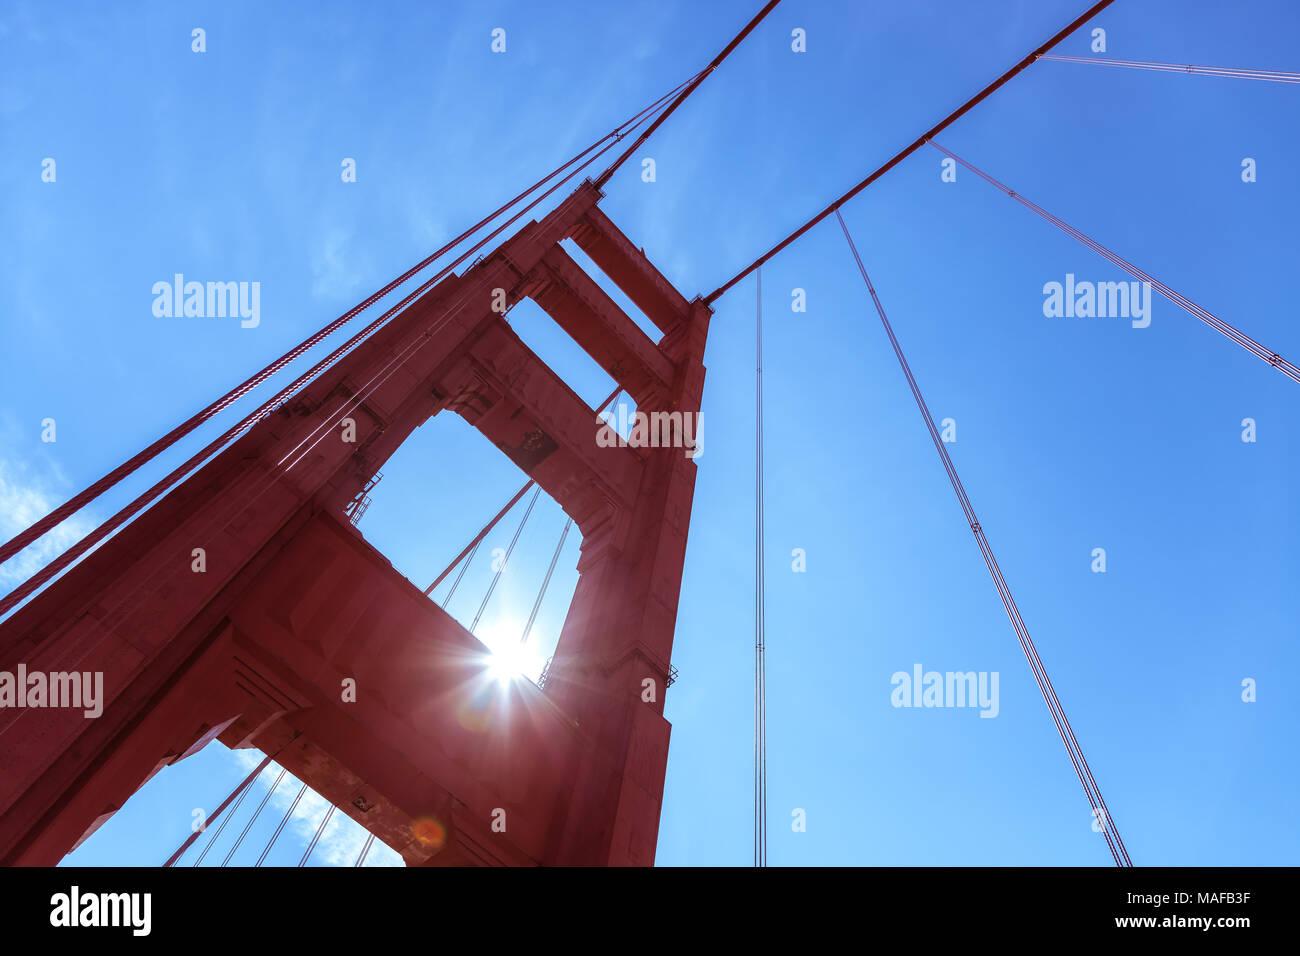 Struttura del Golden Gate Bridge Tower, San Francisco, California, Stati Uniti. Immagini Stock